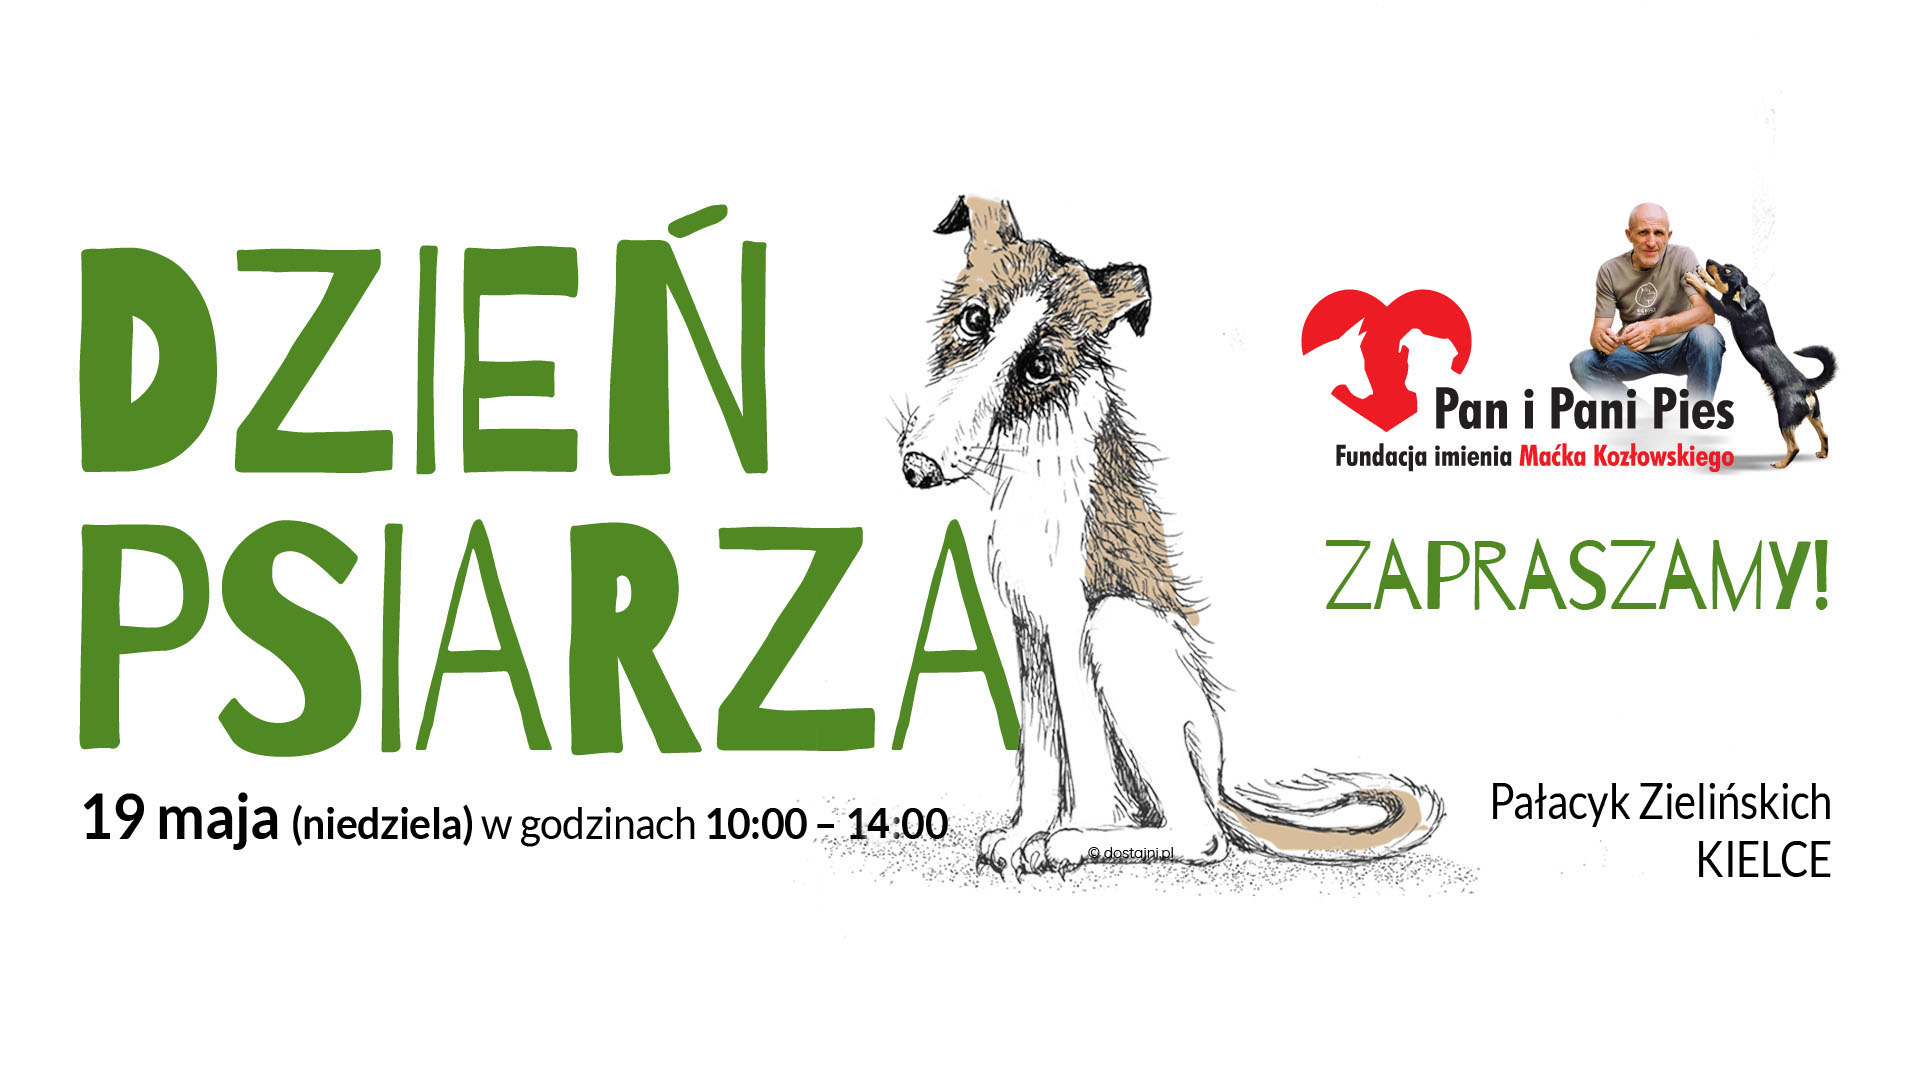 DzienPsiarza zaproszenie - Dzień Psiarza - tojuż niedługo!!!! 19 maj, sobota, Pałacyk Zielińskich wKielcach!